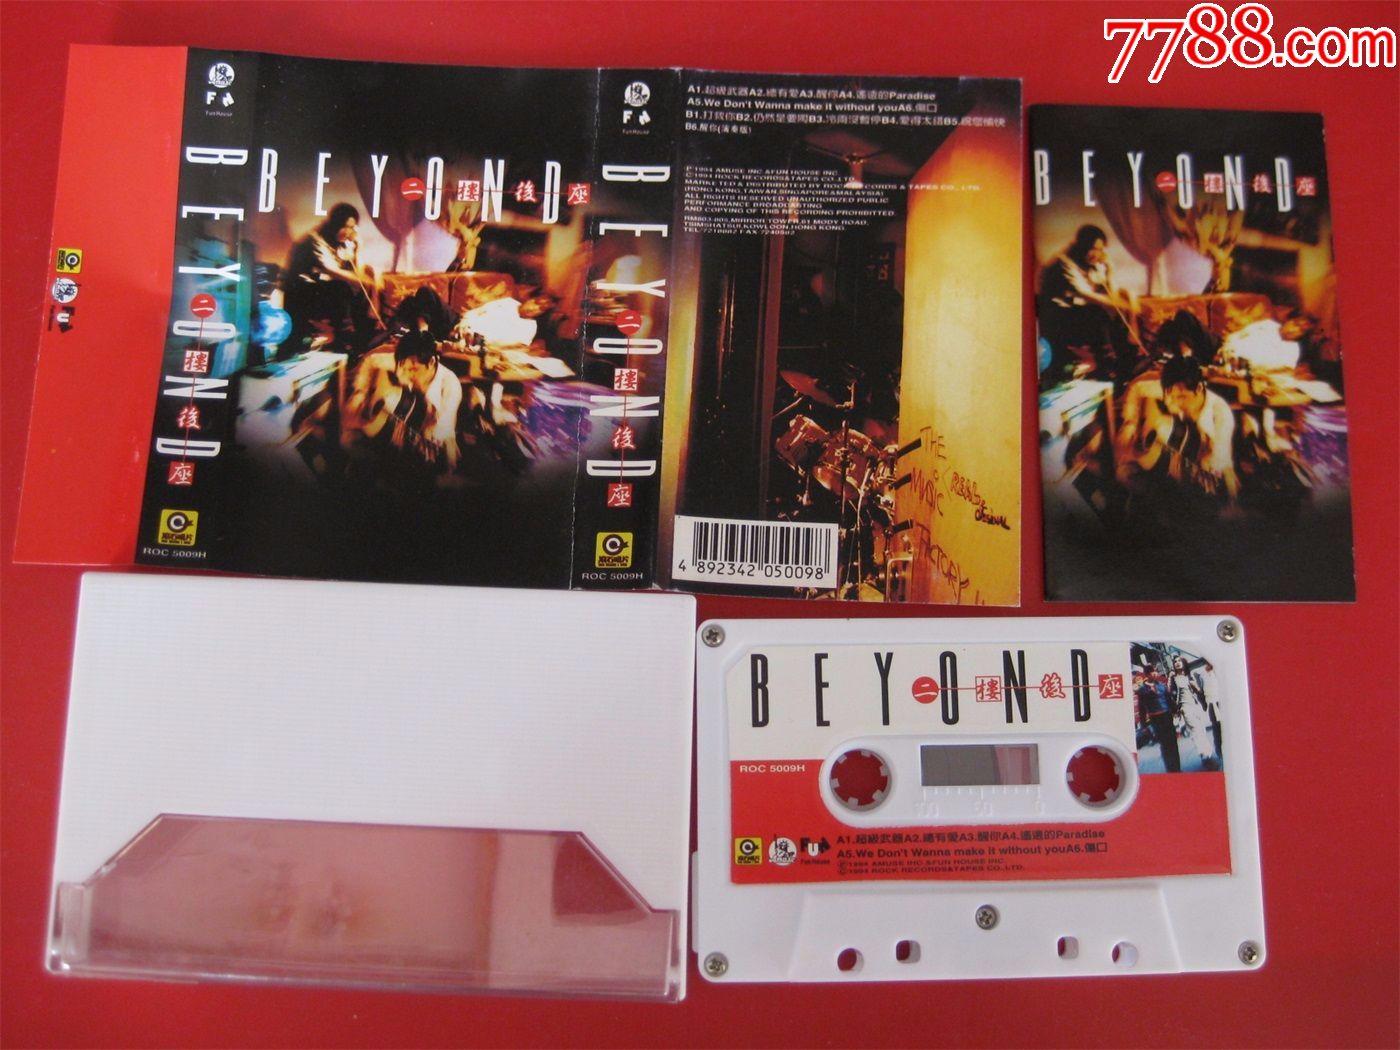 【原装正版磁带】BEYOND二楼后座1994滚石港台版好品(se51302758)_